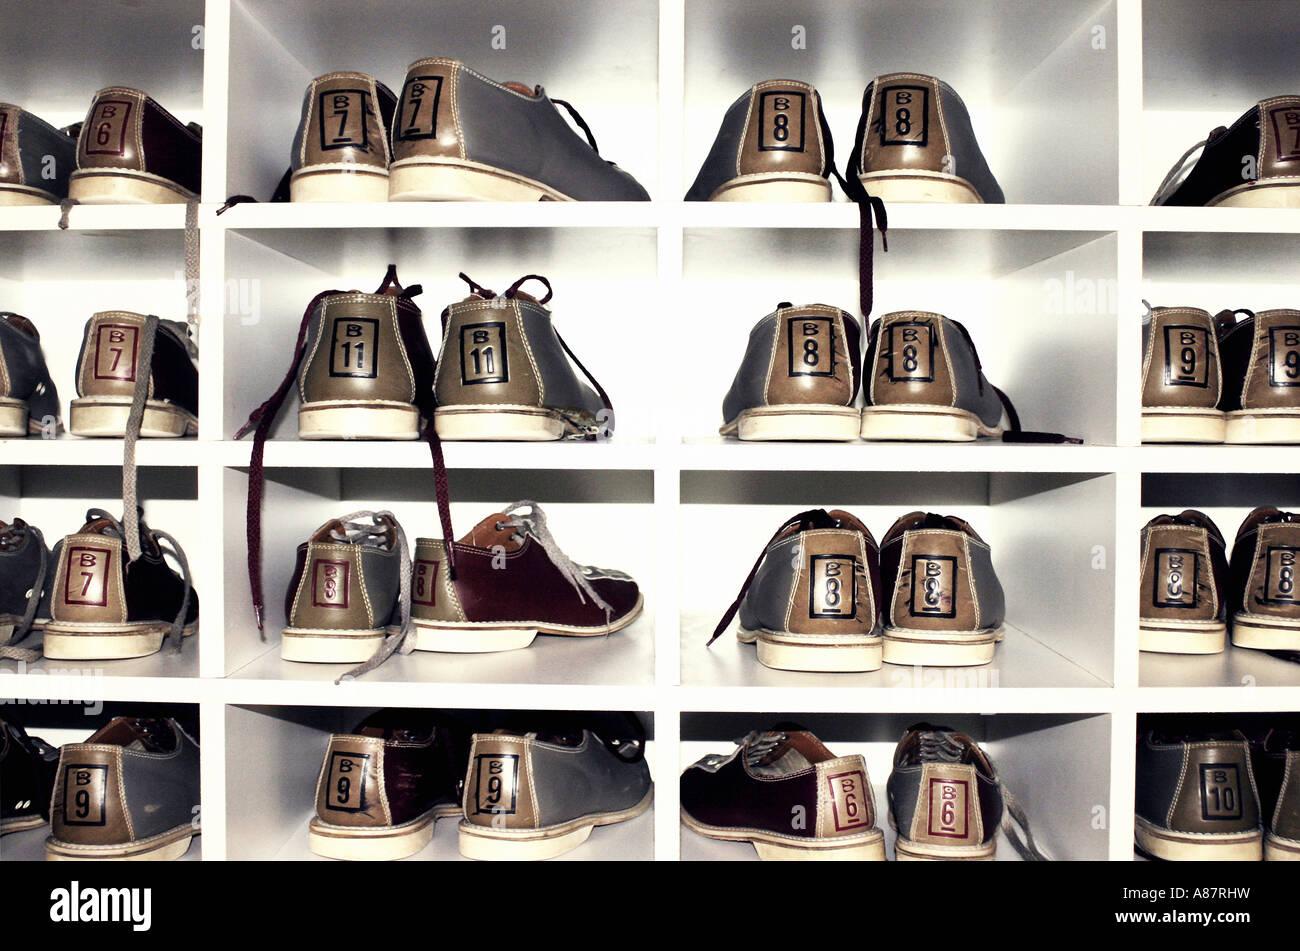 Plusieurs paires de chaussures de bowling sur étagère. Photo Stock